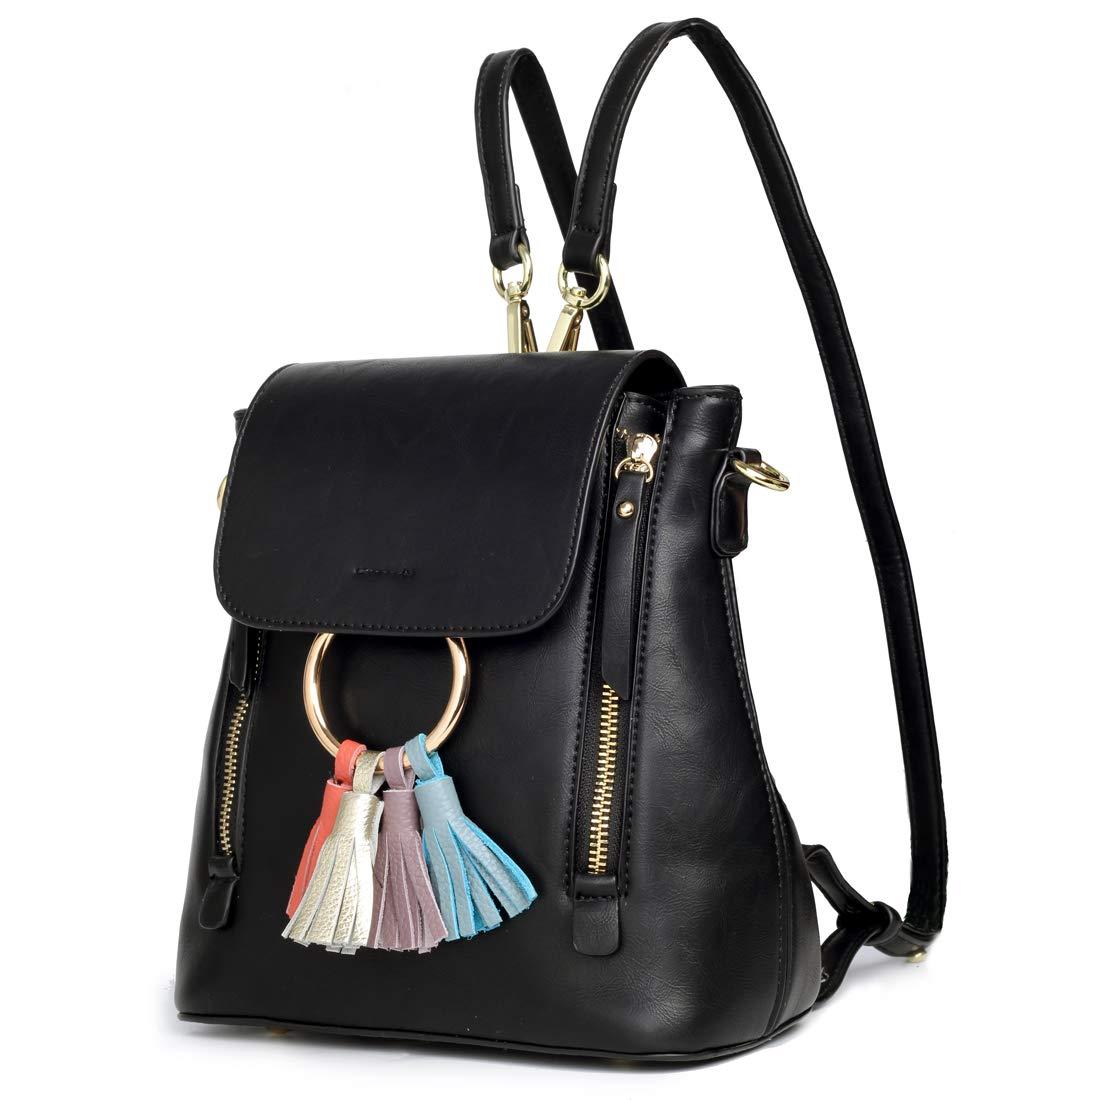 TOYOOSKY APPAREL レディース B07CS2DDRP Black, Mini Size, Tassel